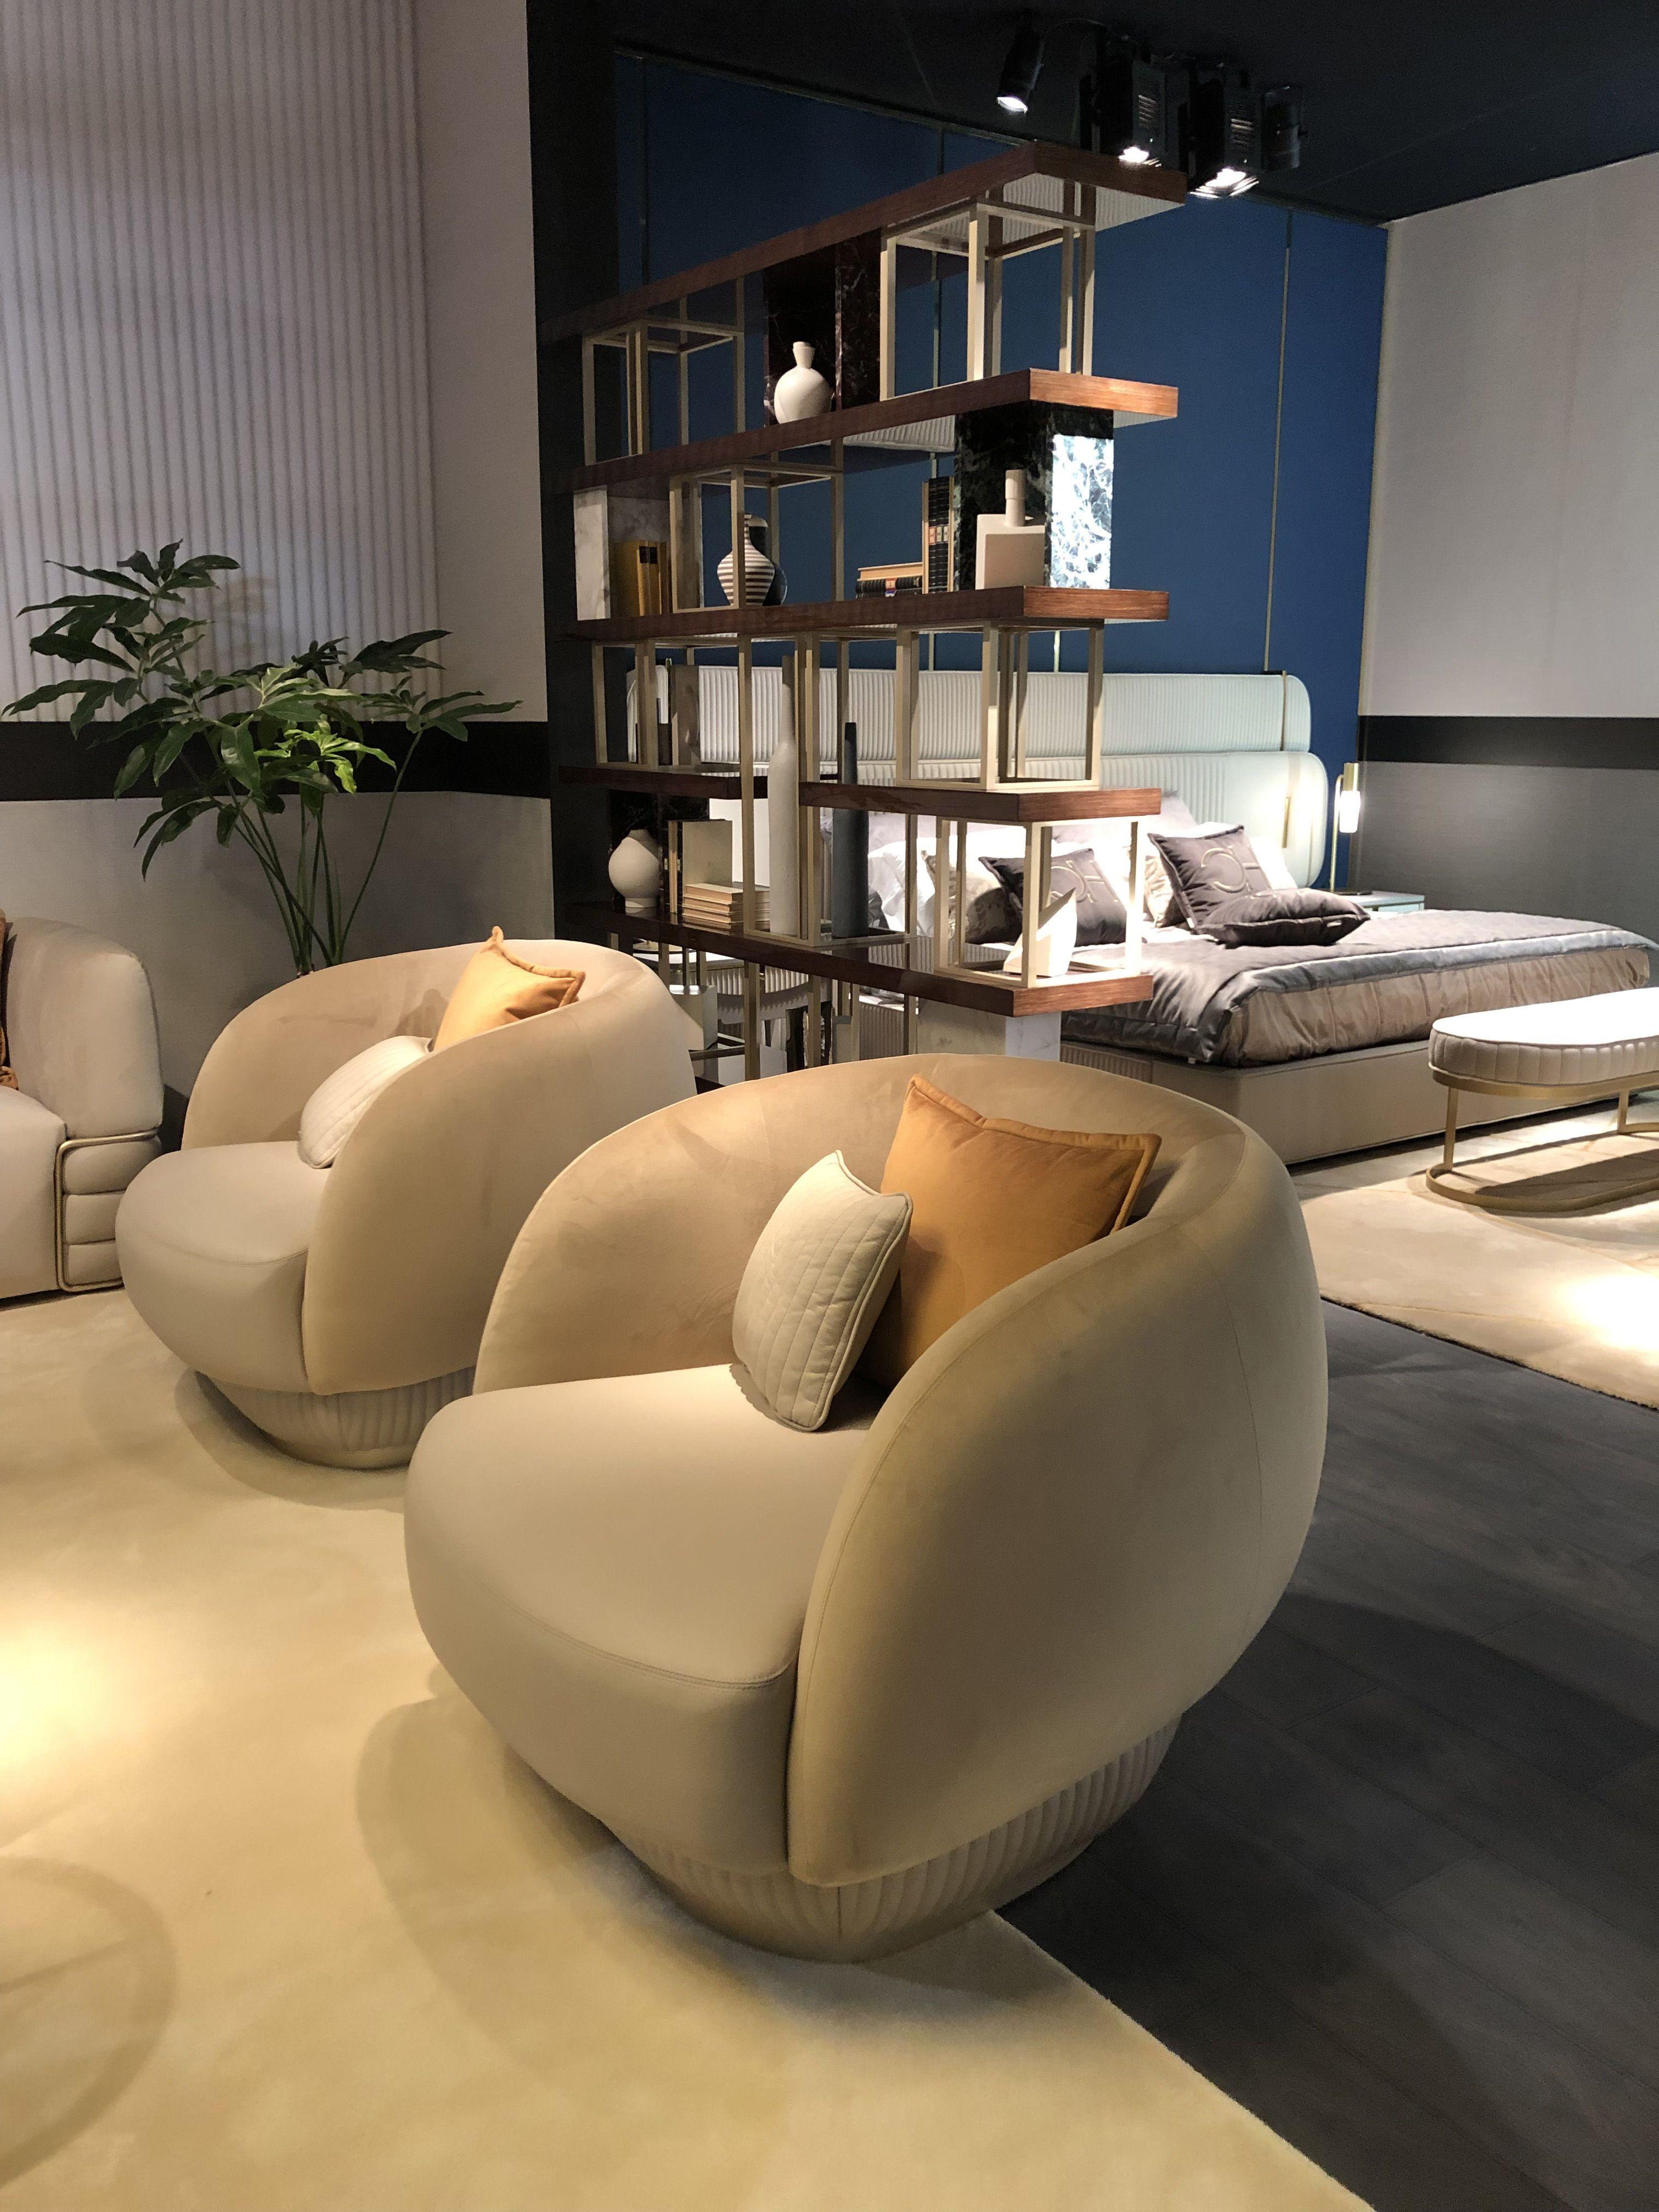 Salone Del Mobile 2019 Vieni Con Noi A Scoprire I Nuovi Trend